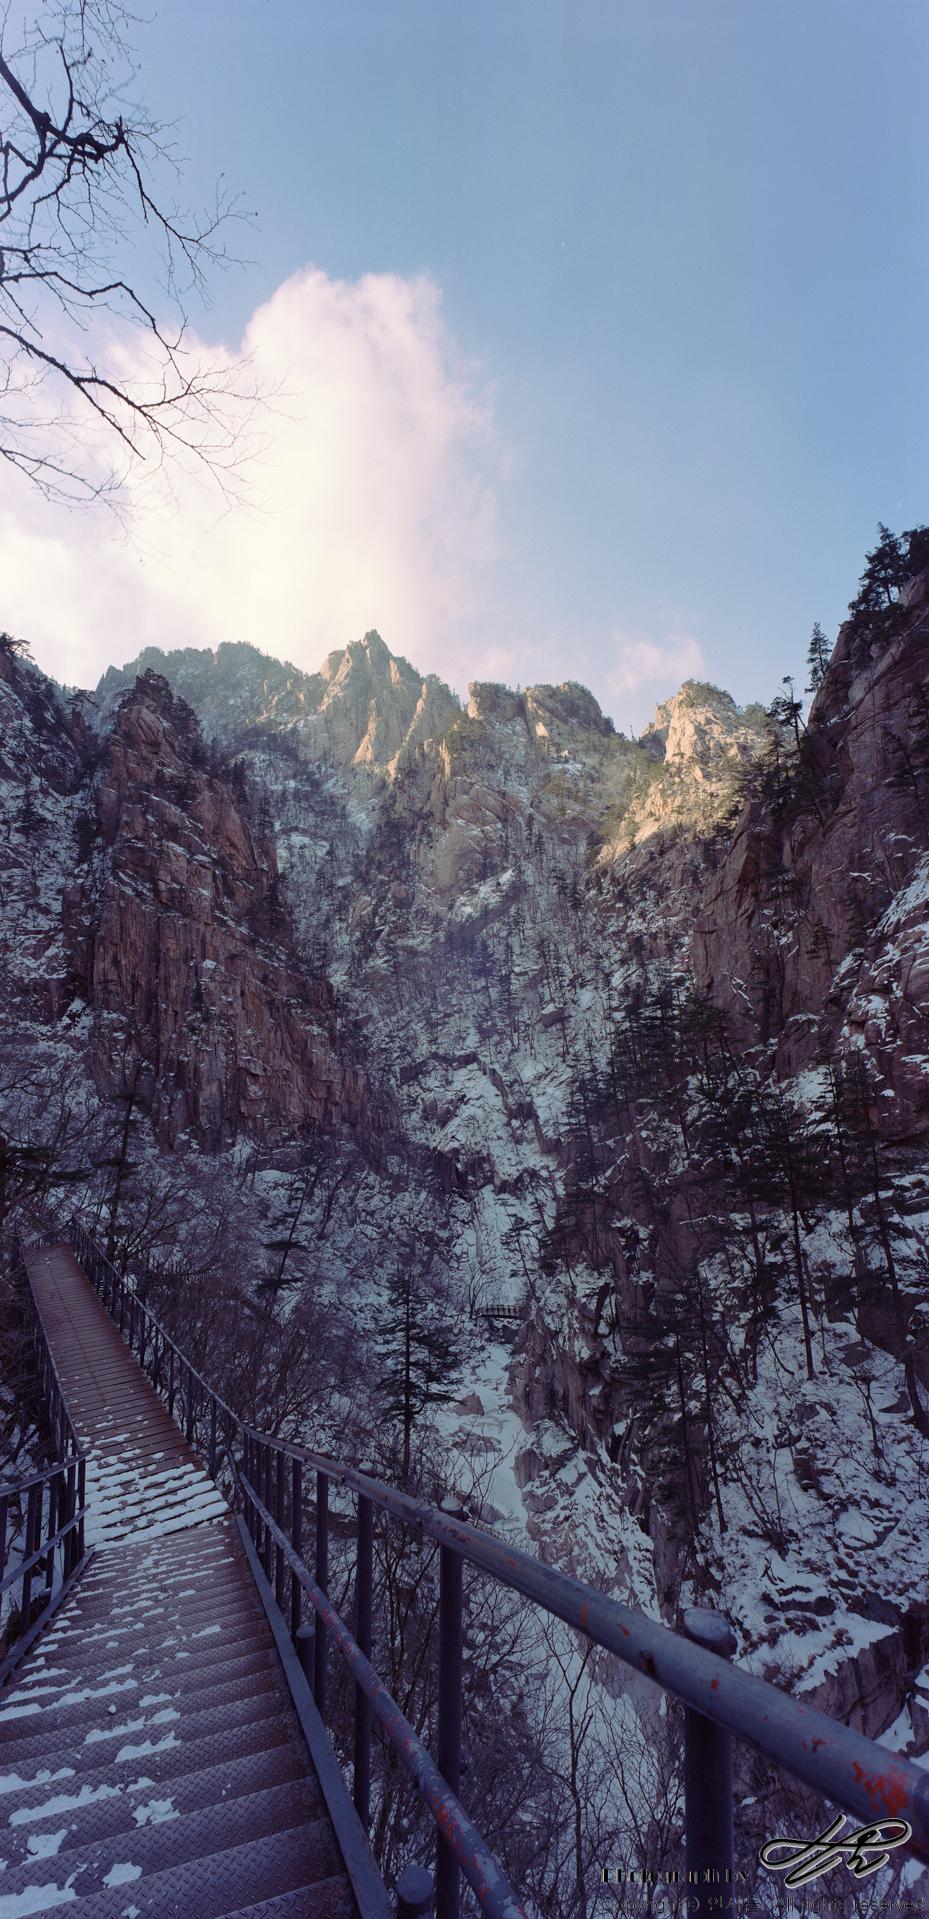 철계단 위에서 아래를 내려다보면 상당히 아찔하다. 골짜기가 깊고 바위가 높아 많은 사진을 세로로 찍어야 했다.